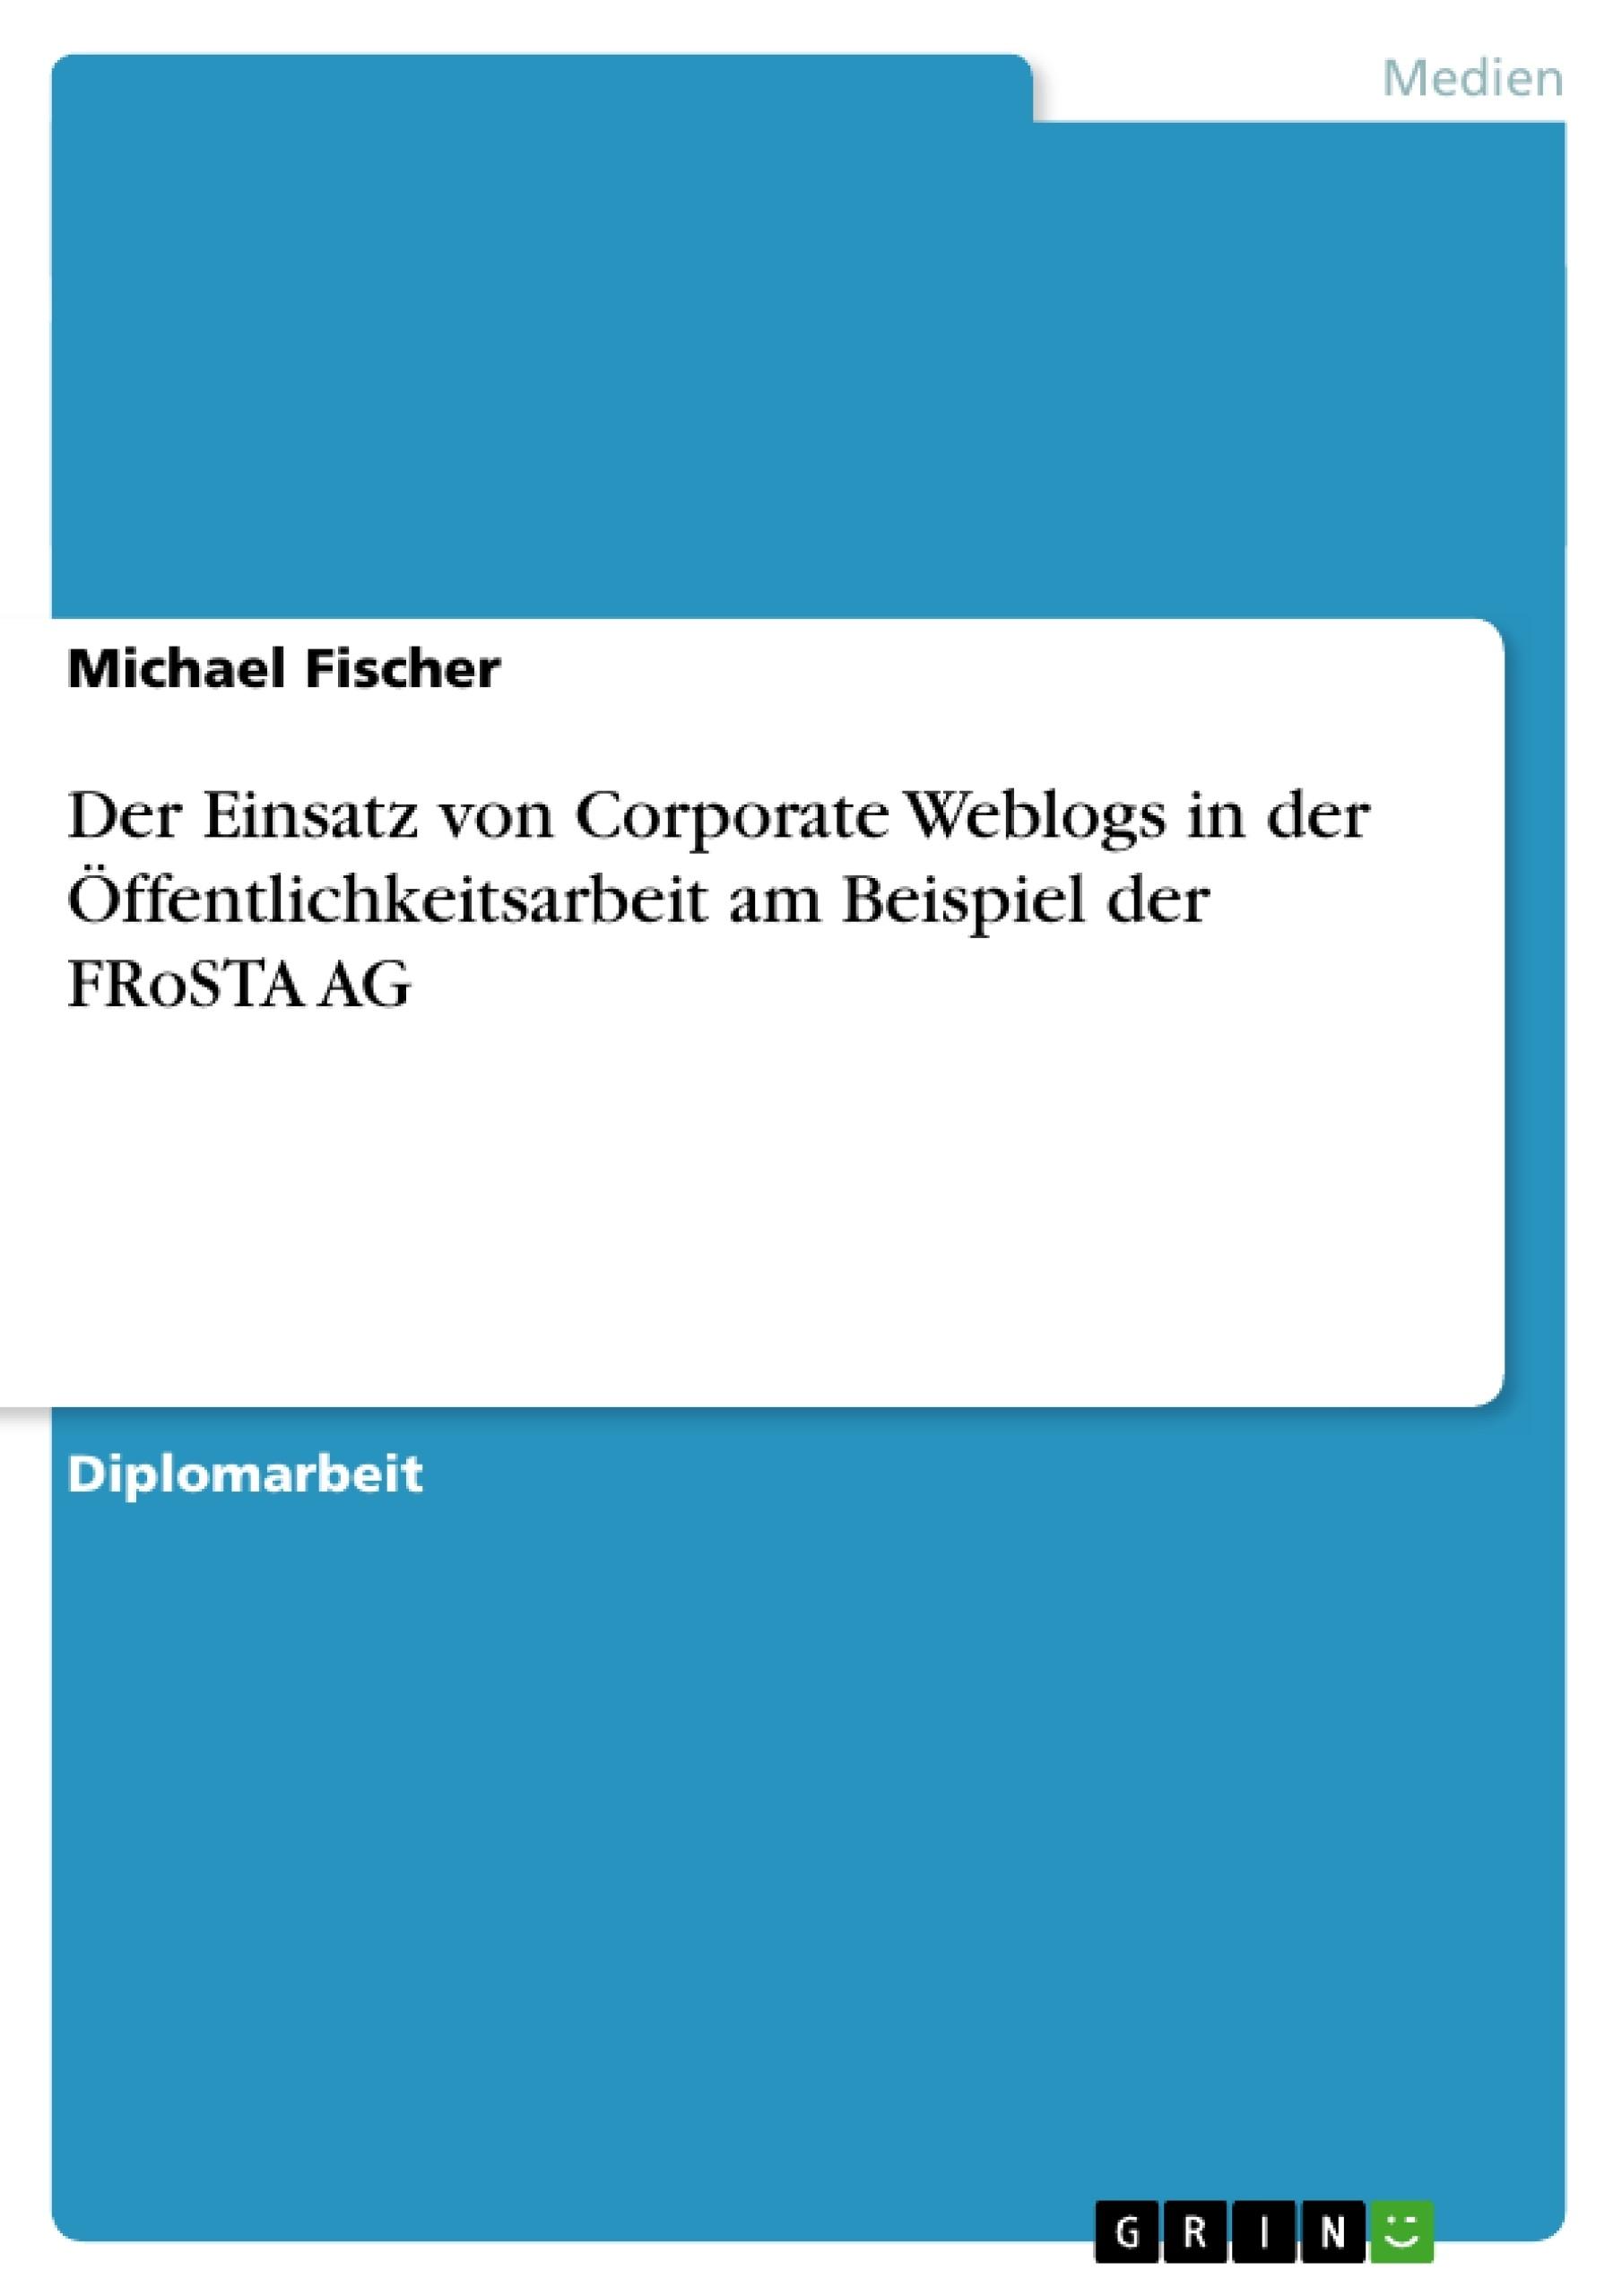 Titel: Der Einsatz von Corporate Weblogs in der Öffentlichkeitsarbeit am Beispiel der FRoSTA AG